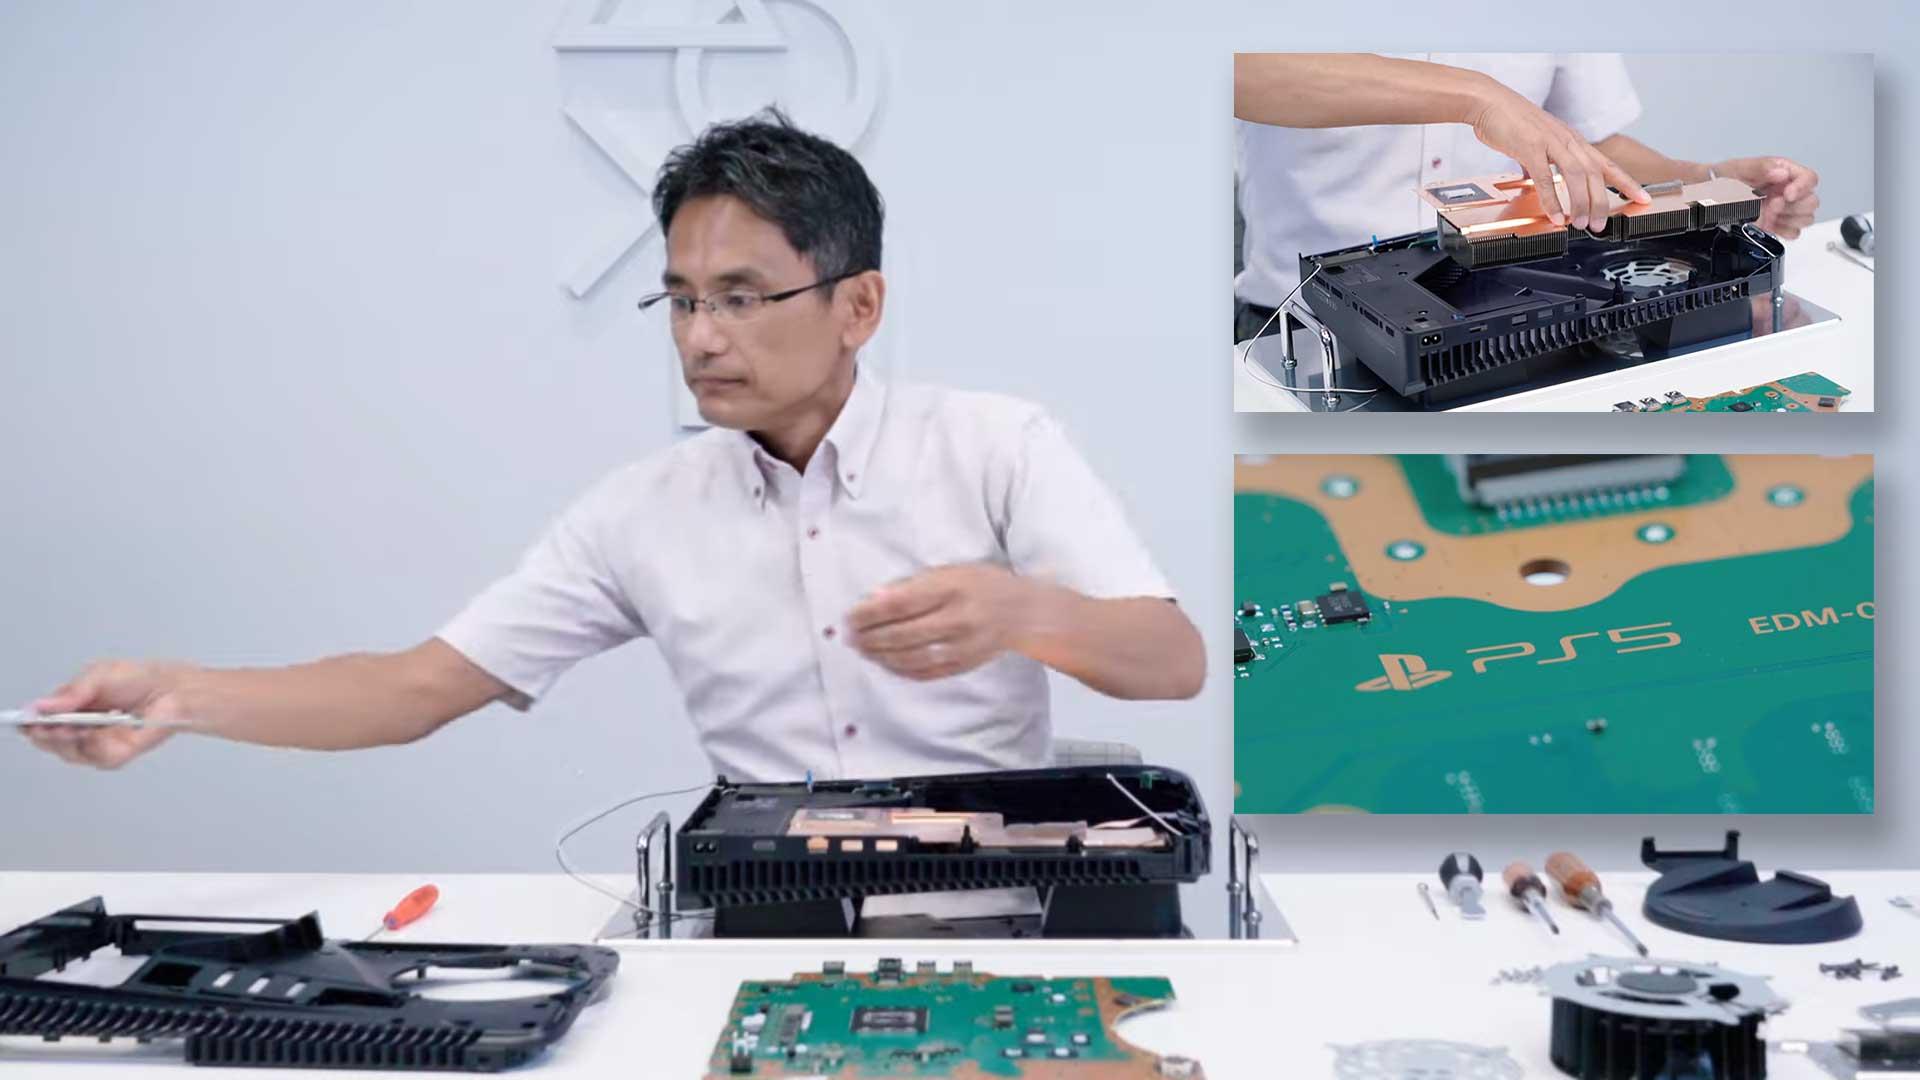 sony playstation 5 hardware